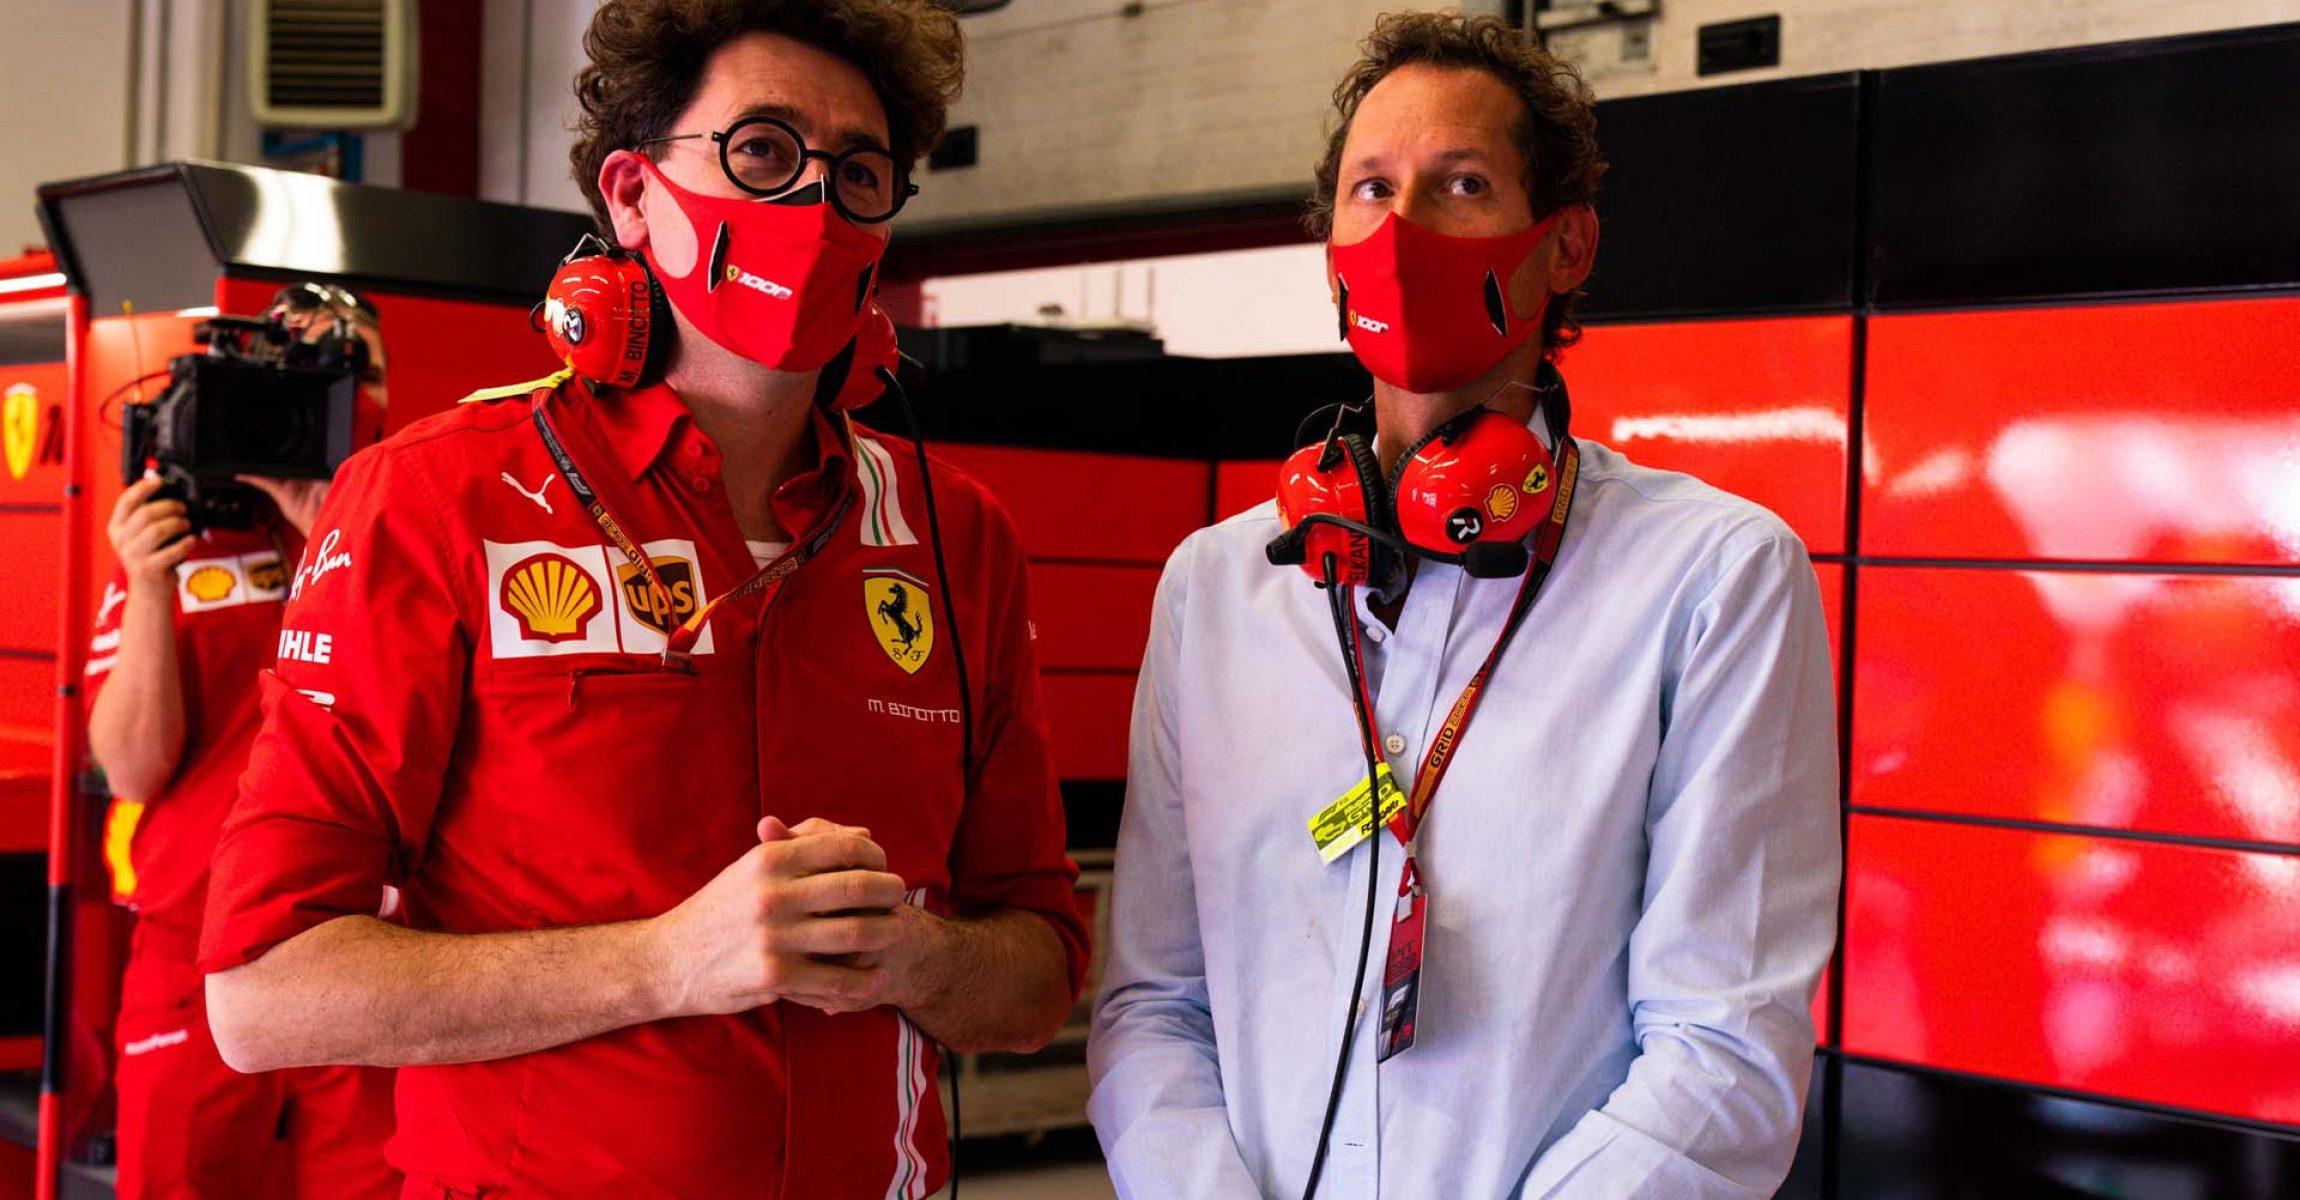 GP TOSCANA FERRARI 1000 F1/2020 -  DOMENICA 13/09/2020   credit: @Scuderia Ferrari Press Office Mattia Binotto John Elkann